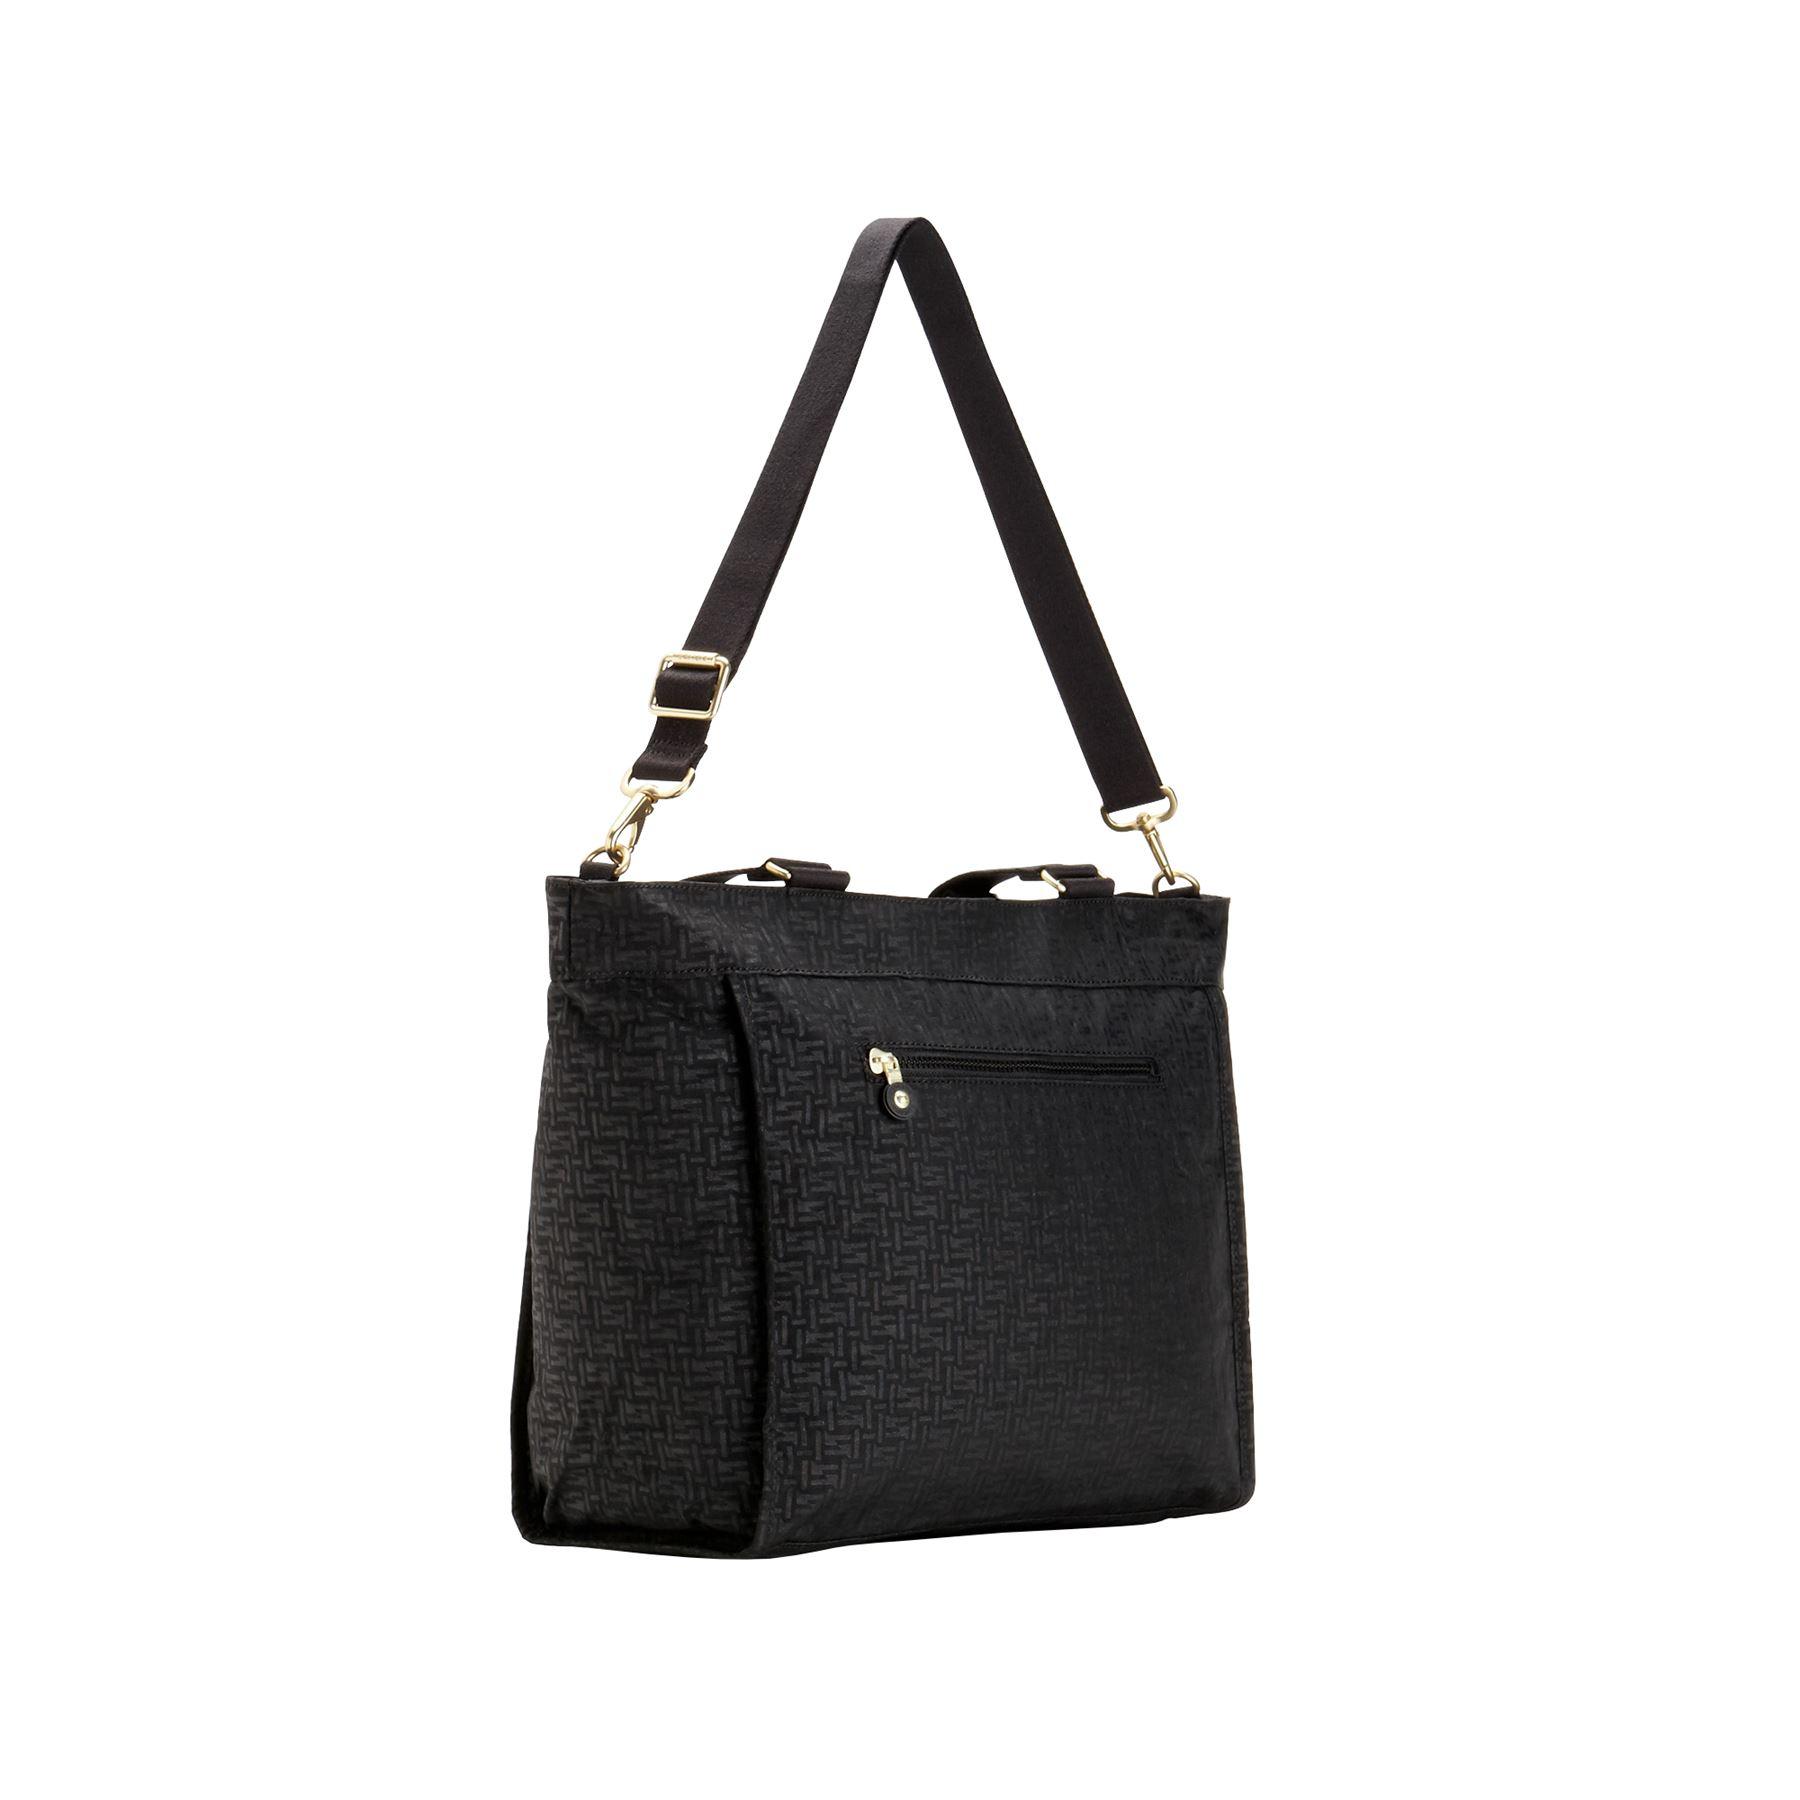 290f7618445c Kipling New Shopper L Shopping Bag with Shoulder Strap New 2018 ...